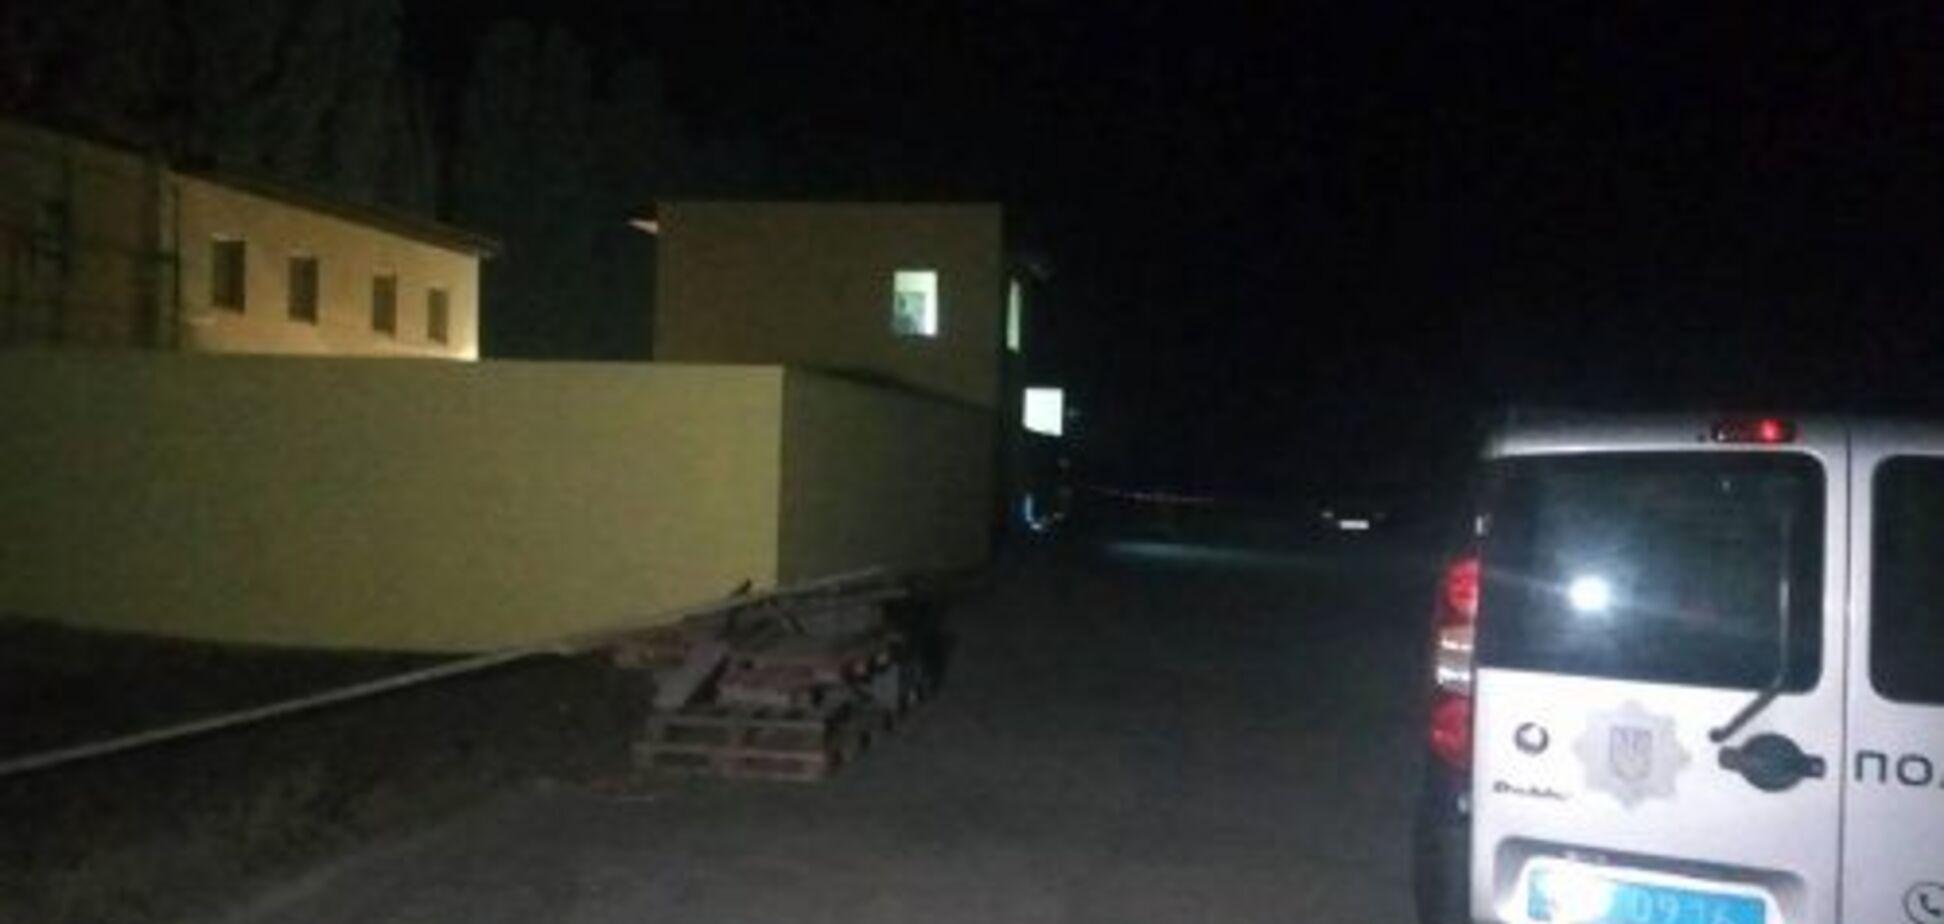 'Було замовлено вбивство': соратник розстріляного в Черкасах депутата повідомив нові деталі